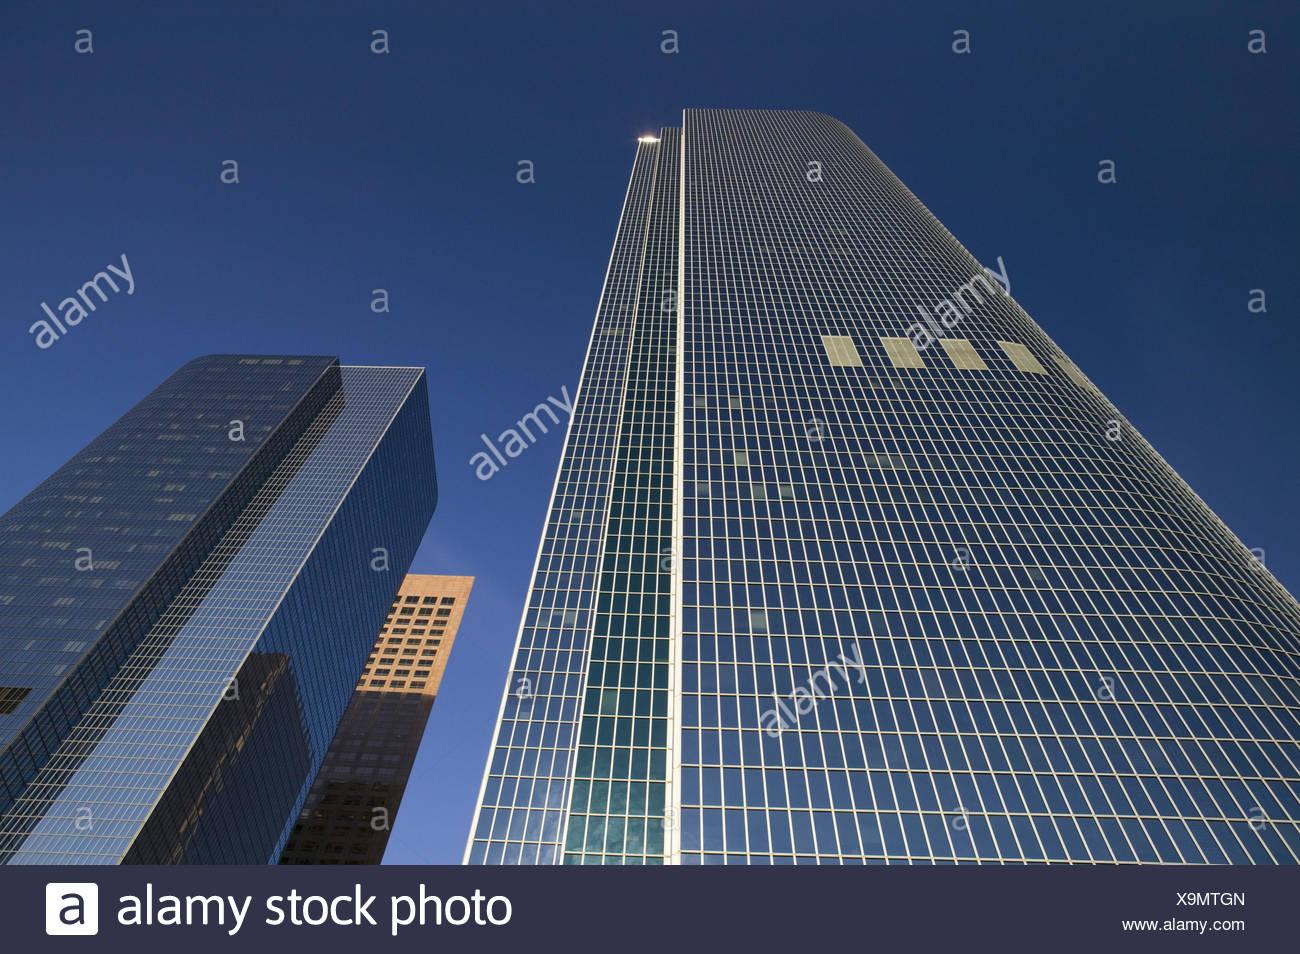 USA, Kalifornien, Los Angeles, Downtown,  California Plaza, Wolkenkratzer, von unten,  Himmel,  Stadt, Großstadt, Weltstadt, Gebäude, Hochhäuser, Bürogebäude, Bürohochhäuser, niemand, - Stock Image